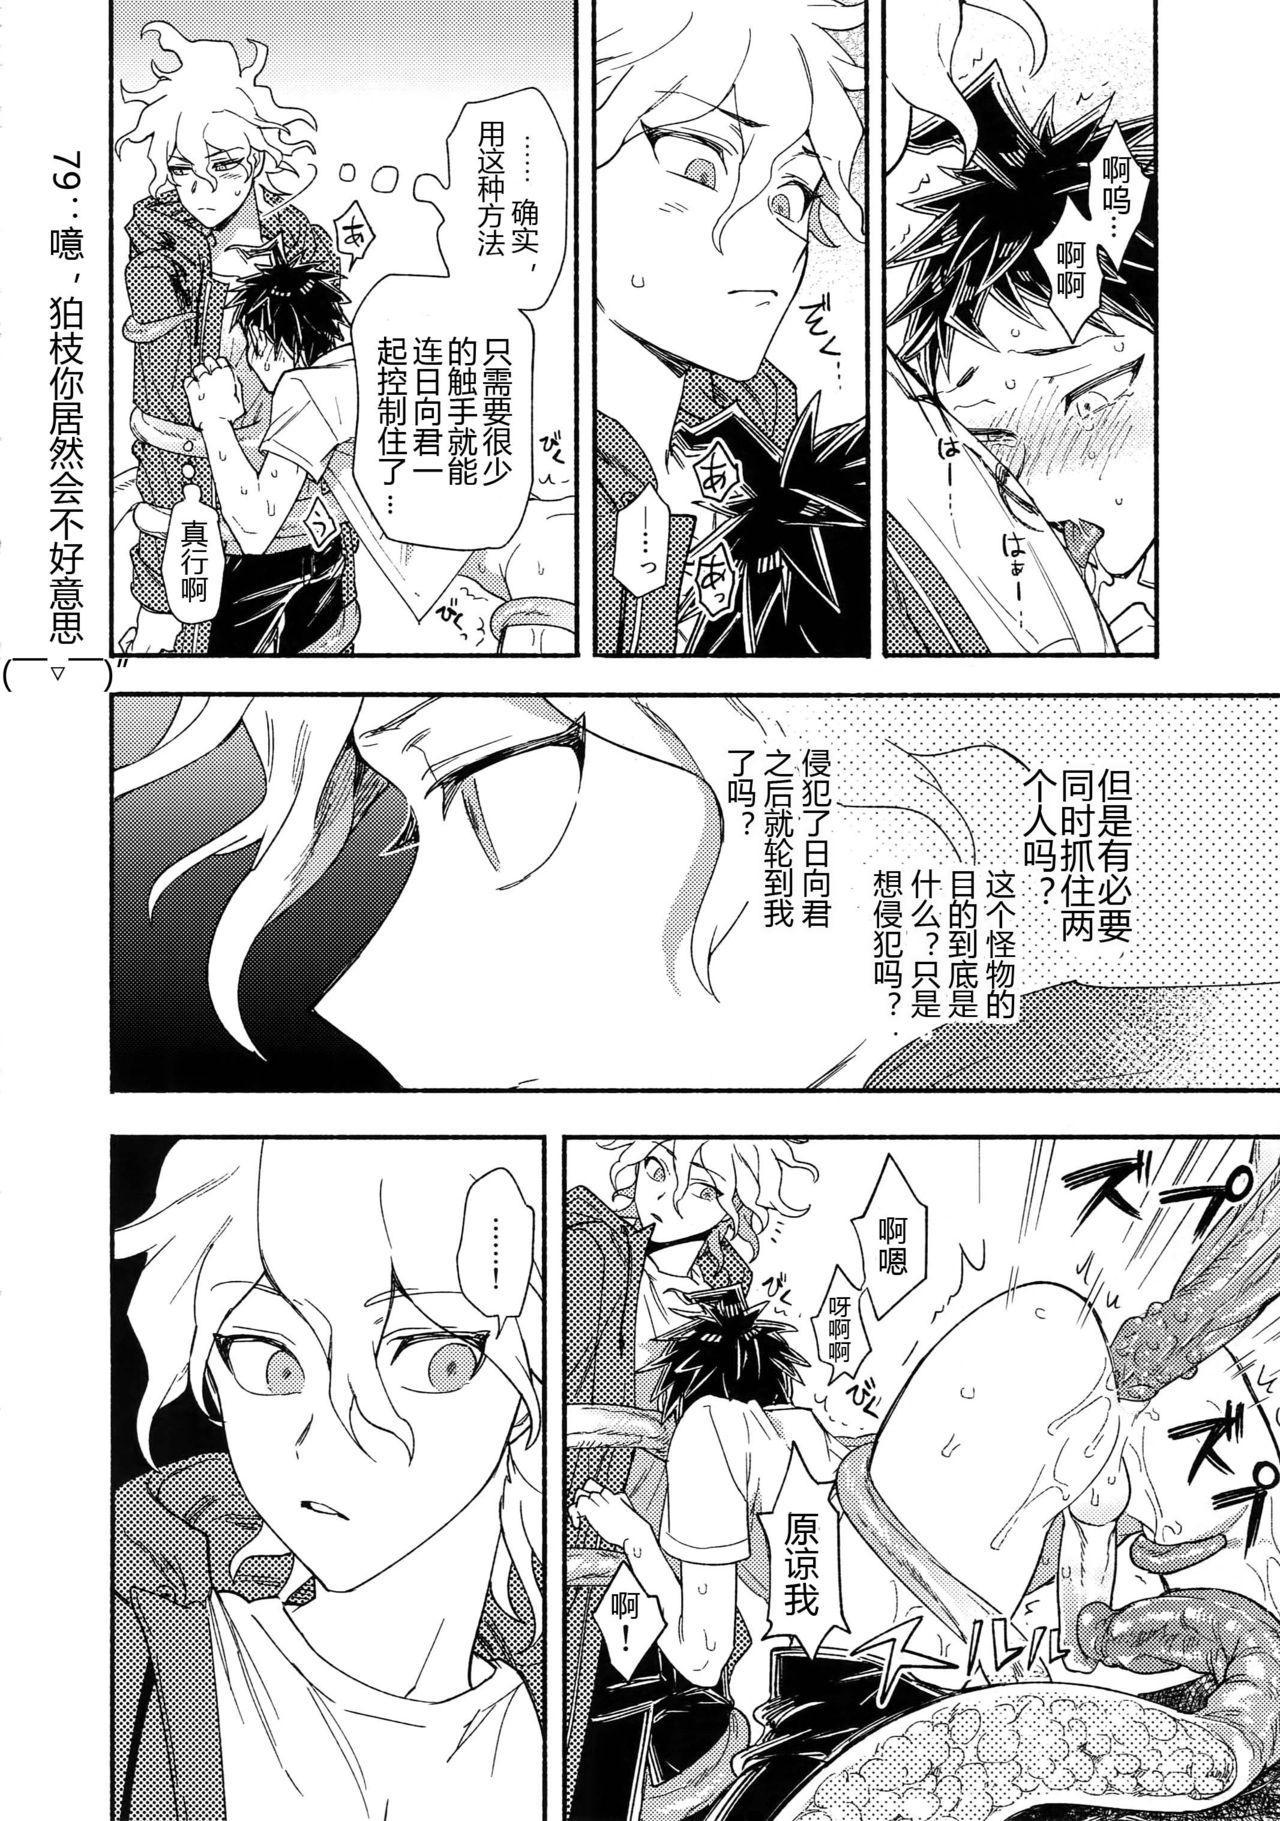 Tsunaide! Shokushu-kun! 连接吧!触手君! 30